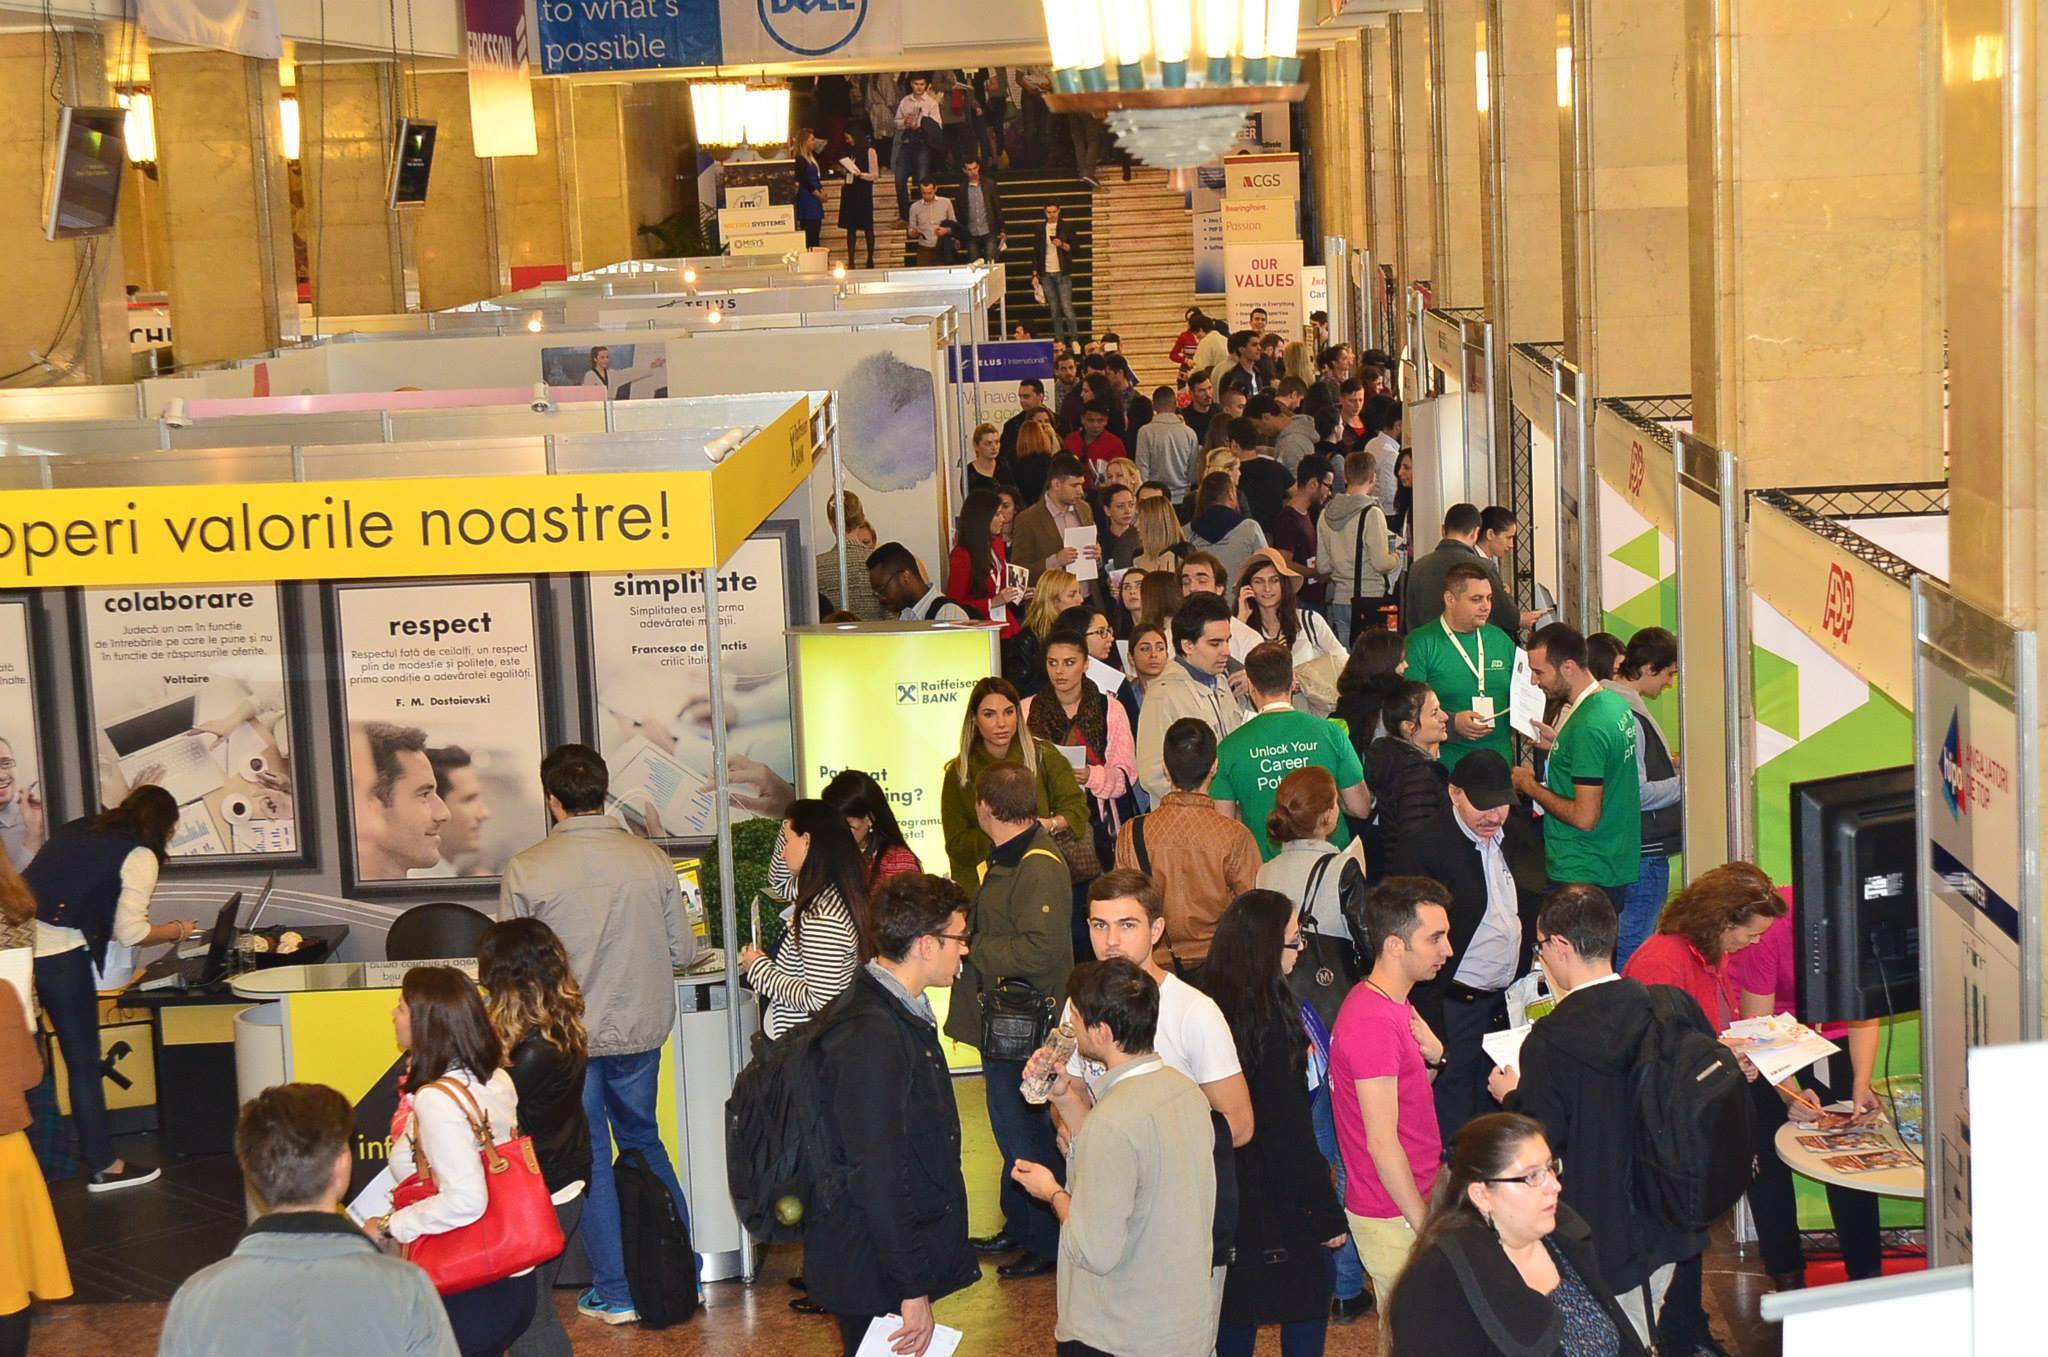 Ce salarii oferă companiile prezente la Angajatori de TOP București și care sunt beneficiile non-salariale?